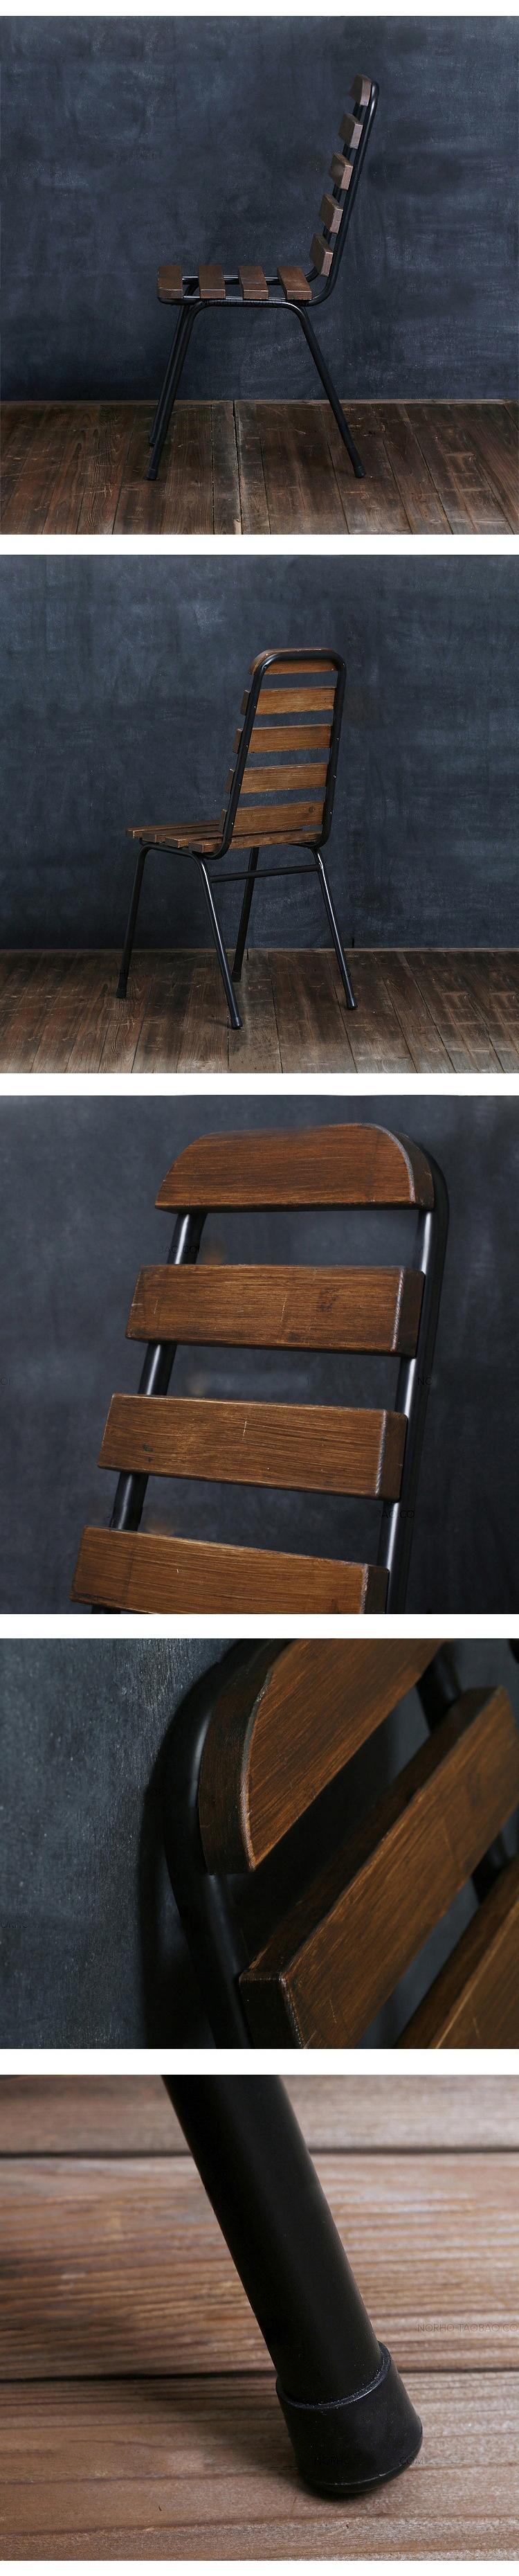 chaise m tal barreau de bois design luxe loft art d co style retro vintage ebay. Black Bedroom Furniture Sets. Home Design Ideas